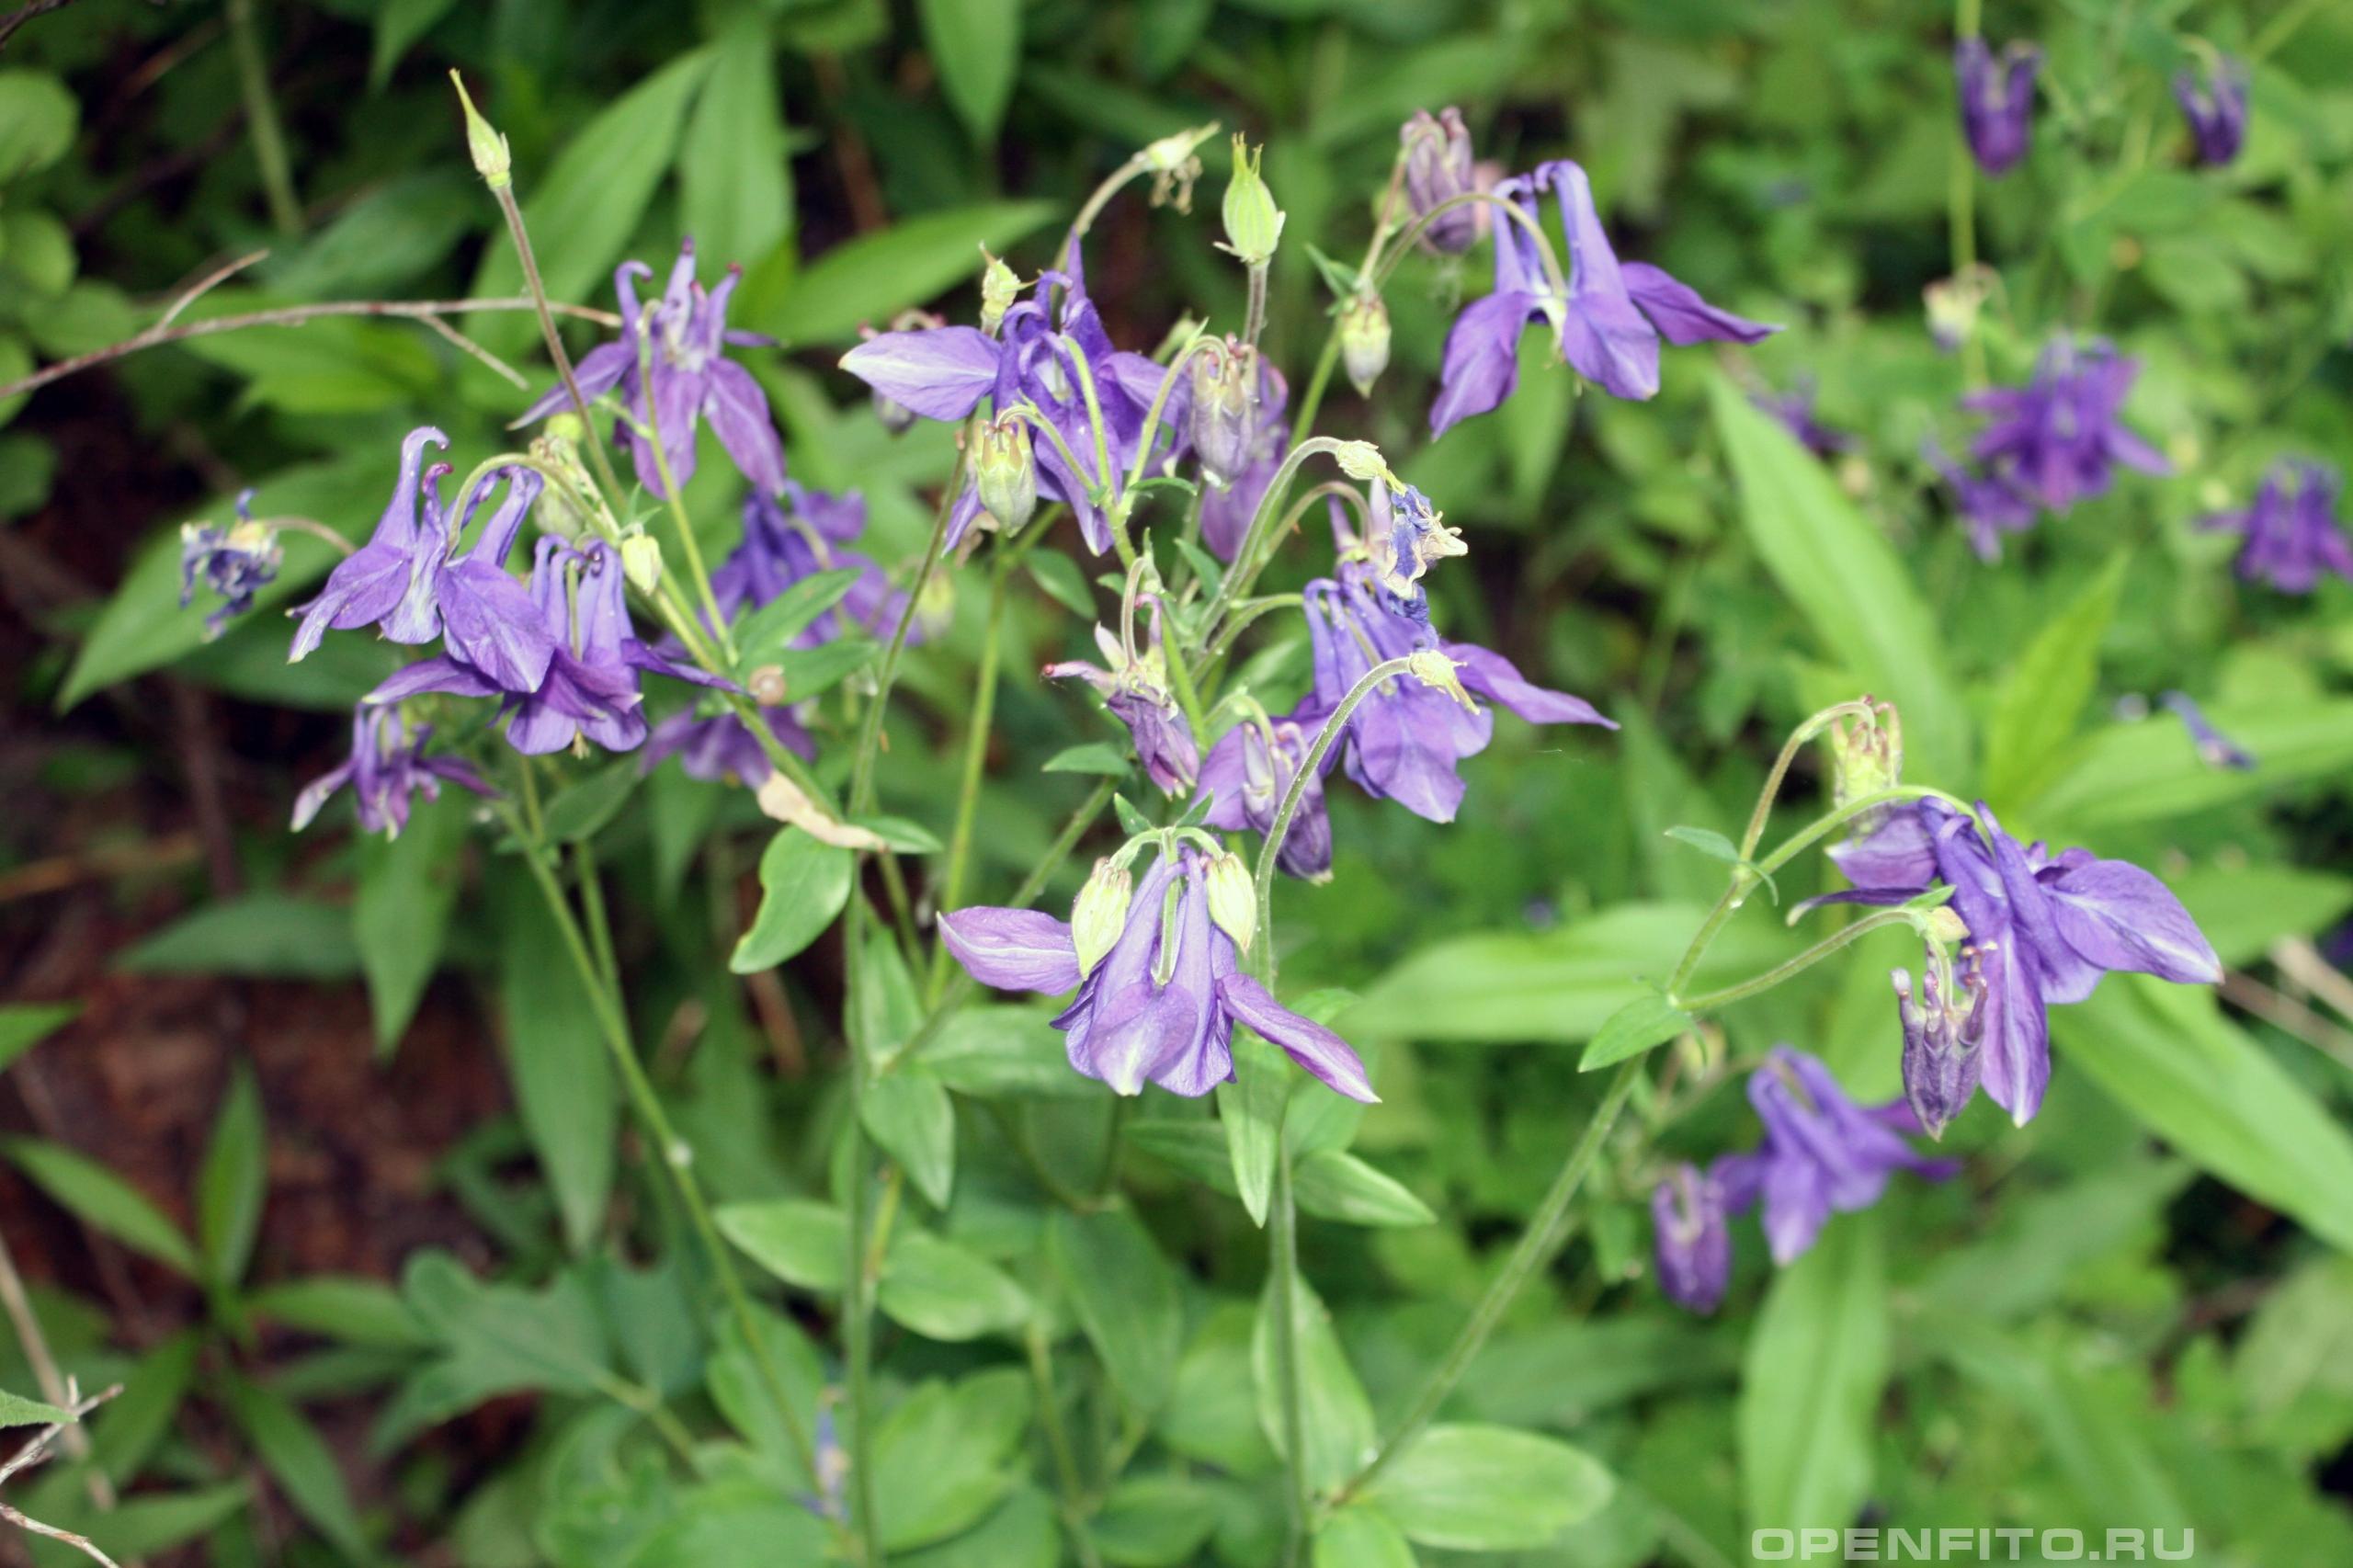 Водосбор обыкновенный цветущее садовое растение